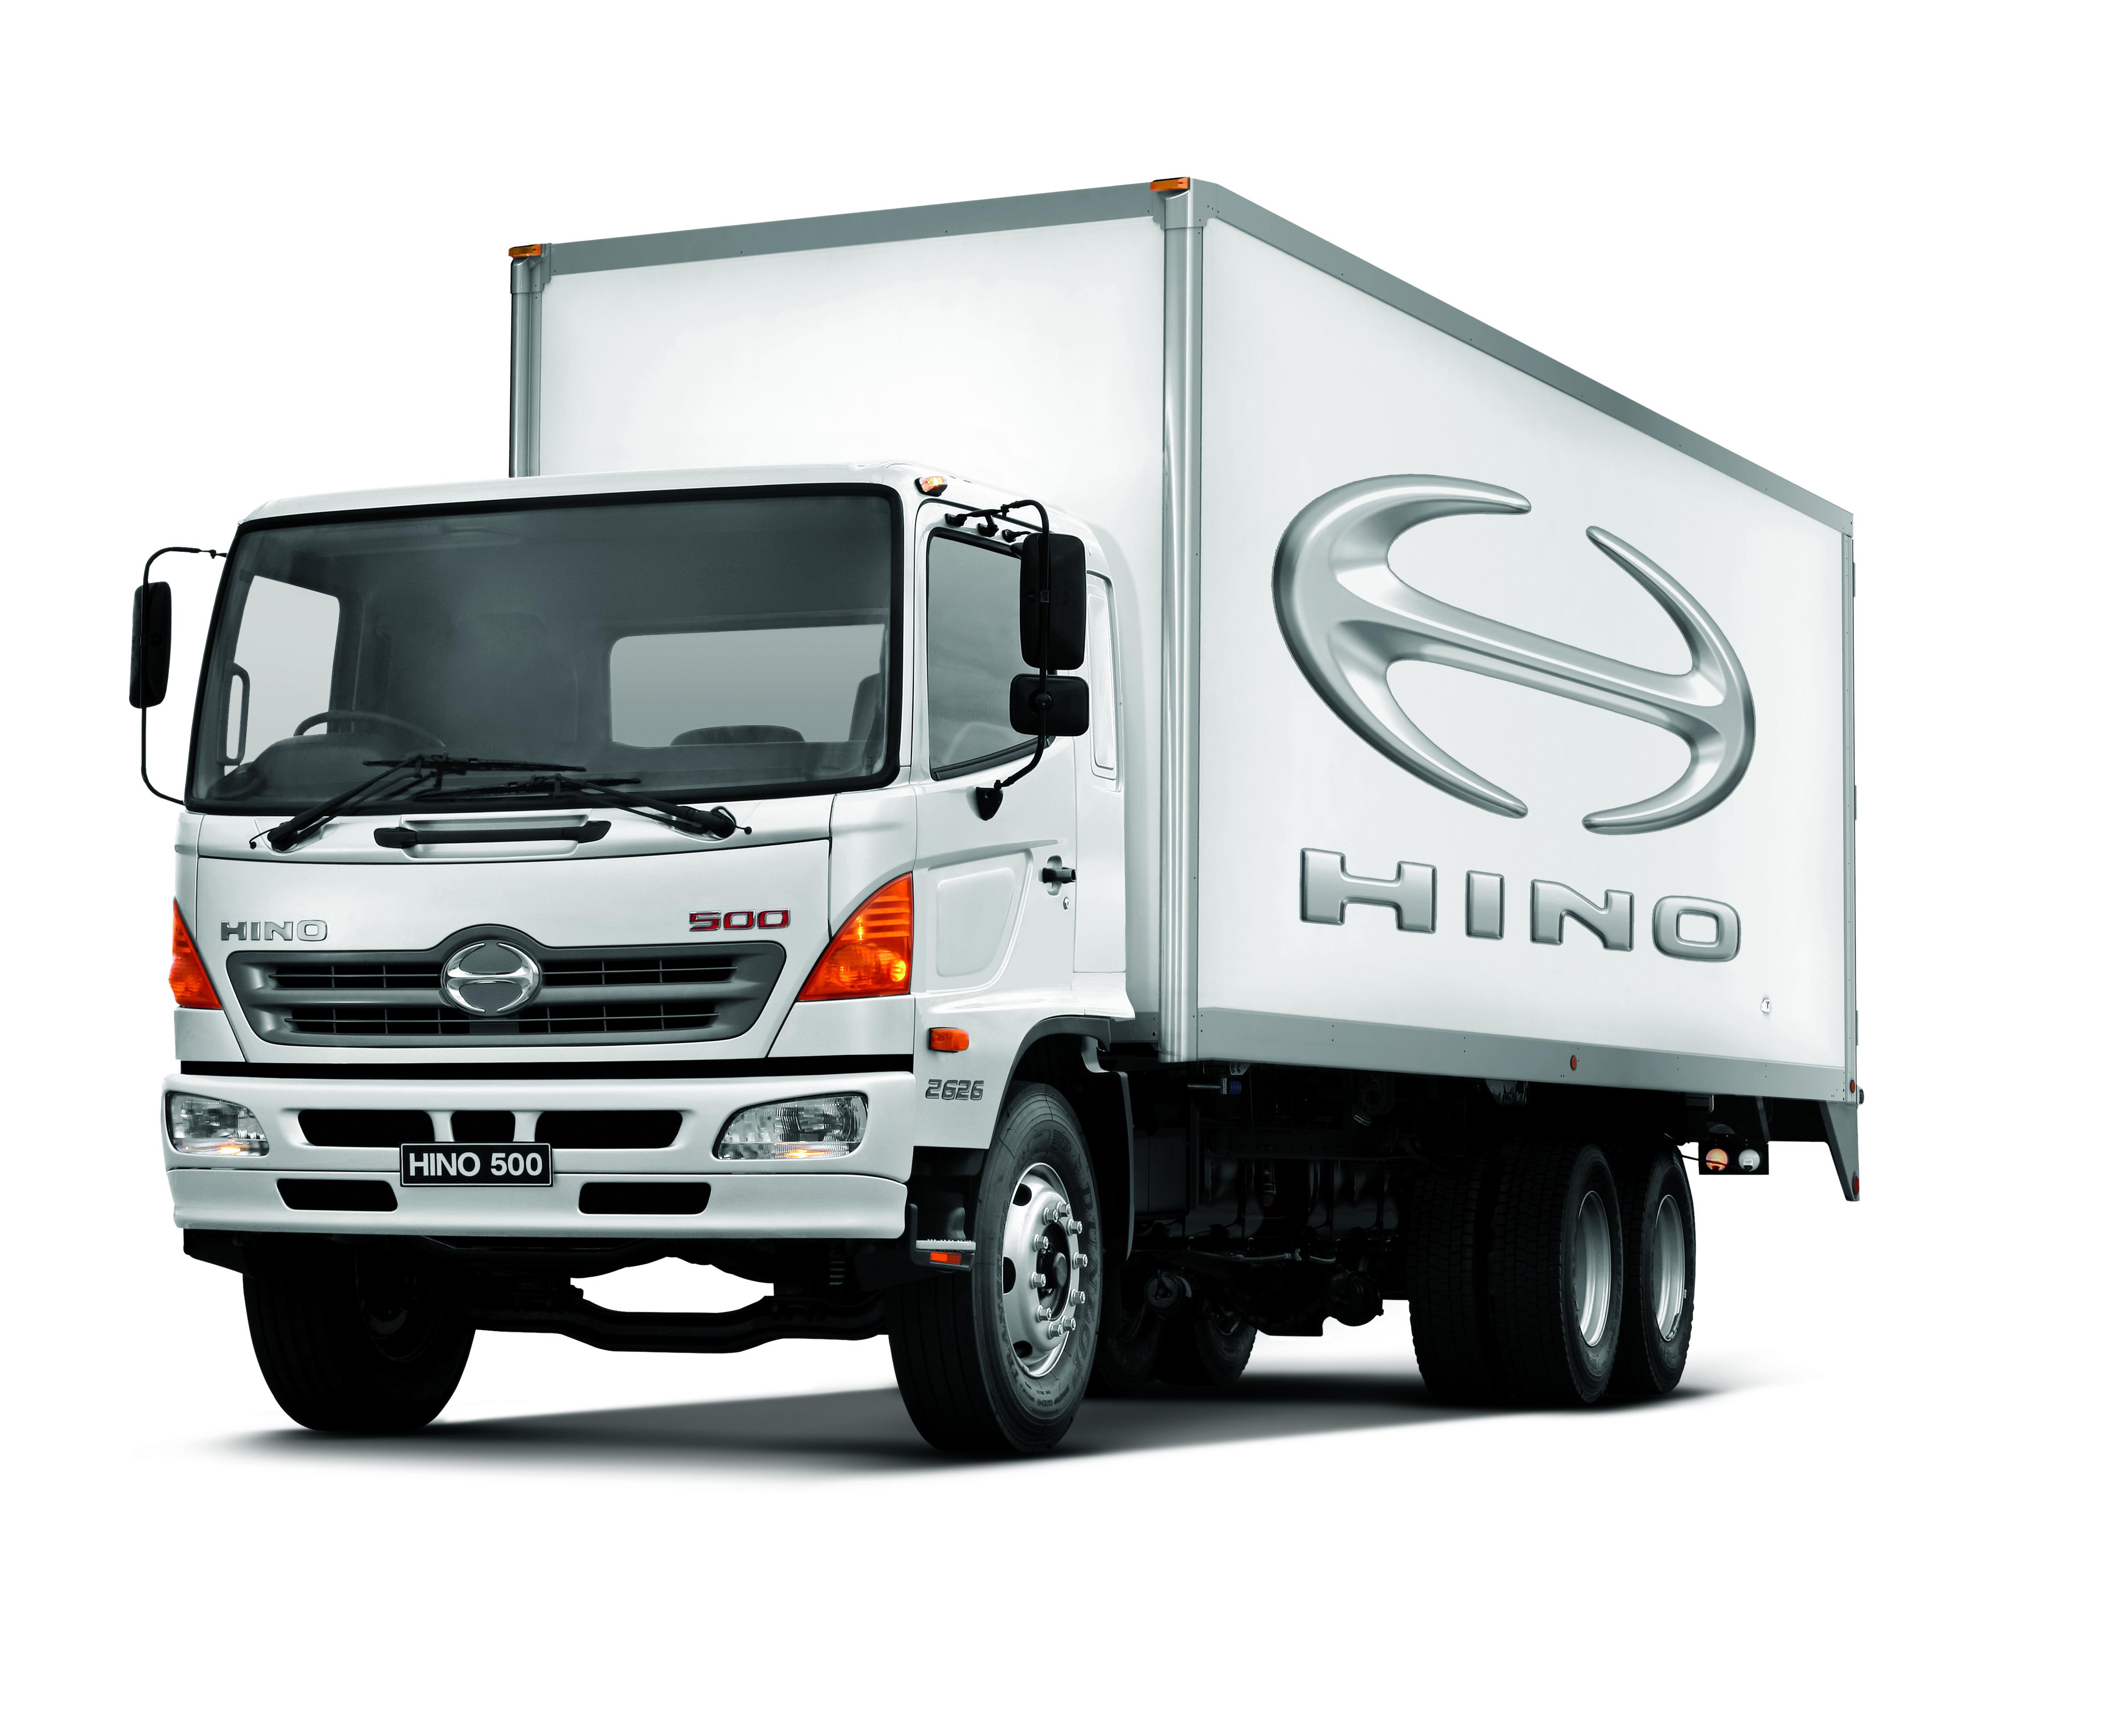 Hino truck photo